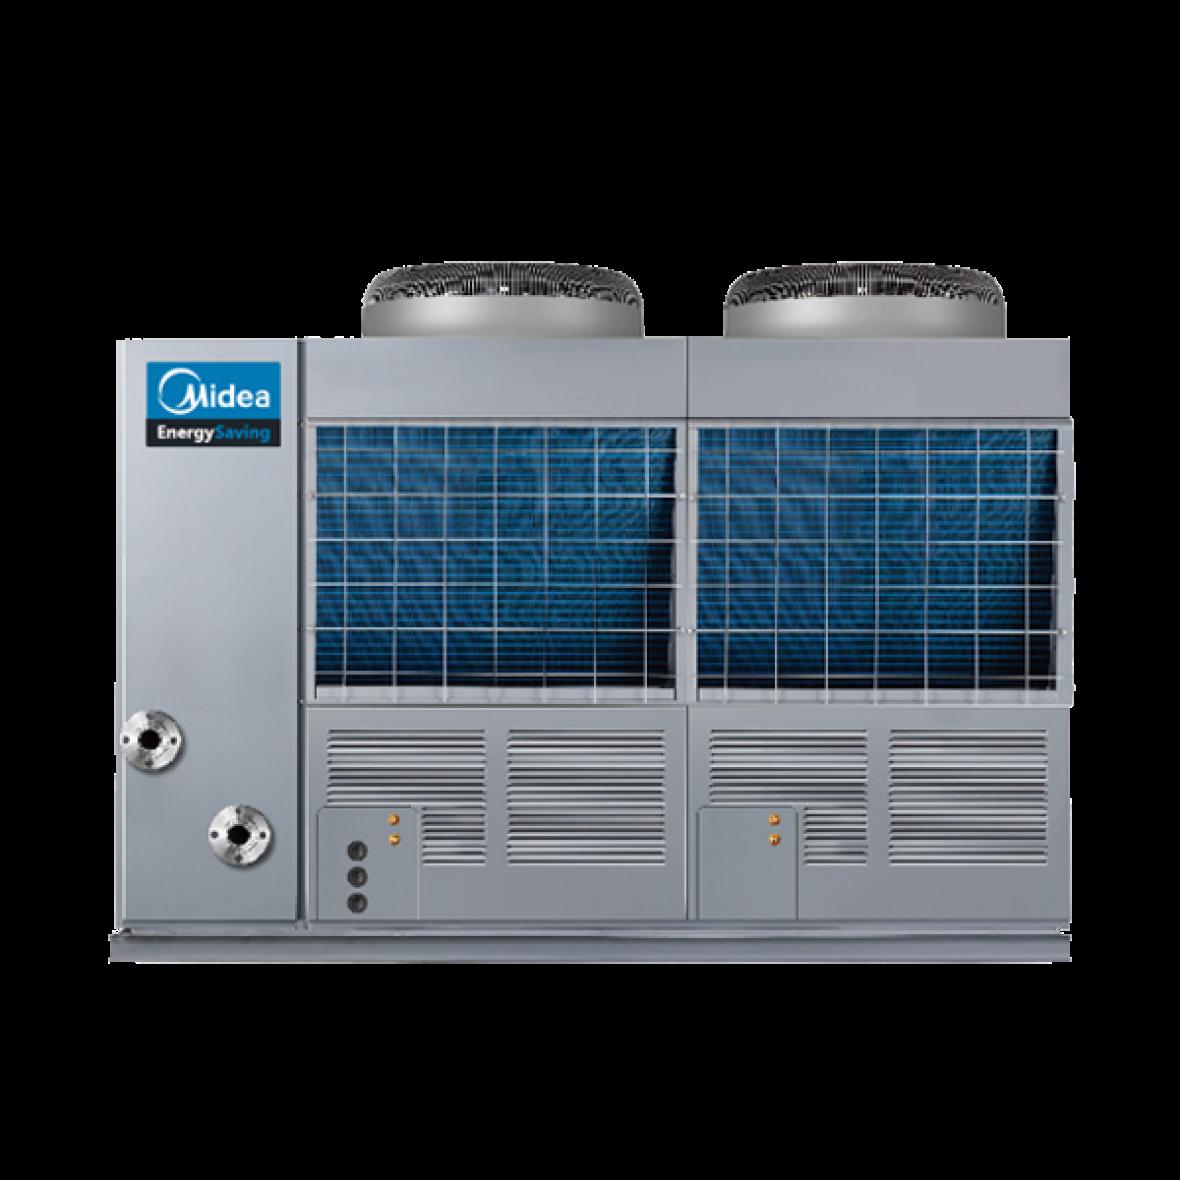 美的空气能热水器的设计与使用,美的空气能